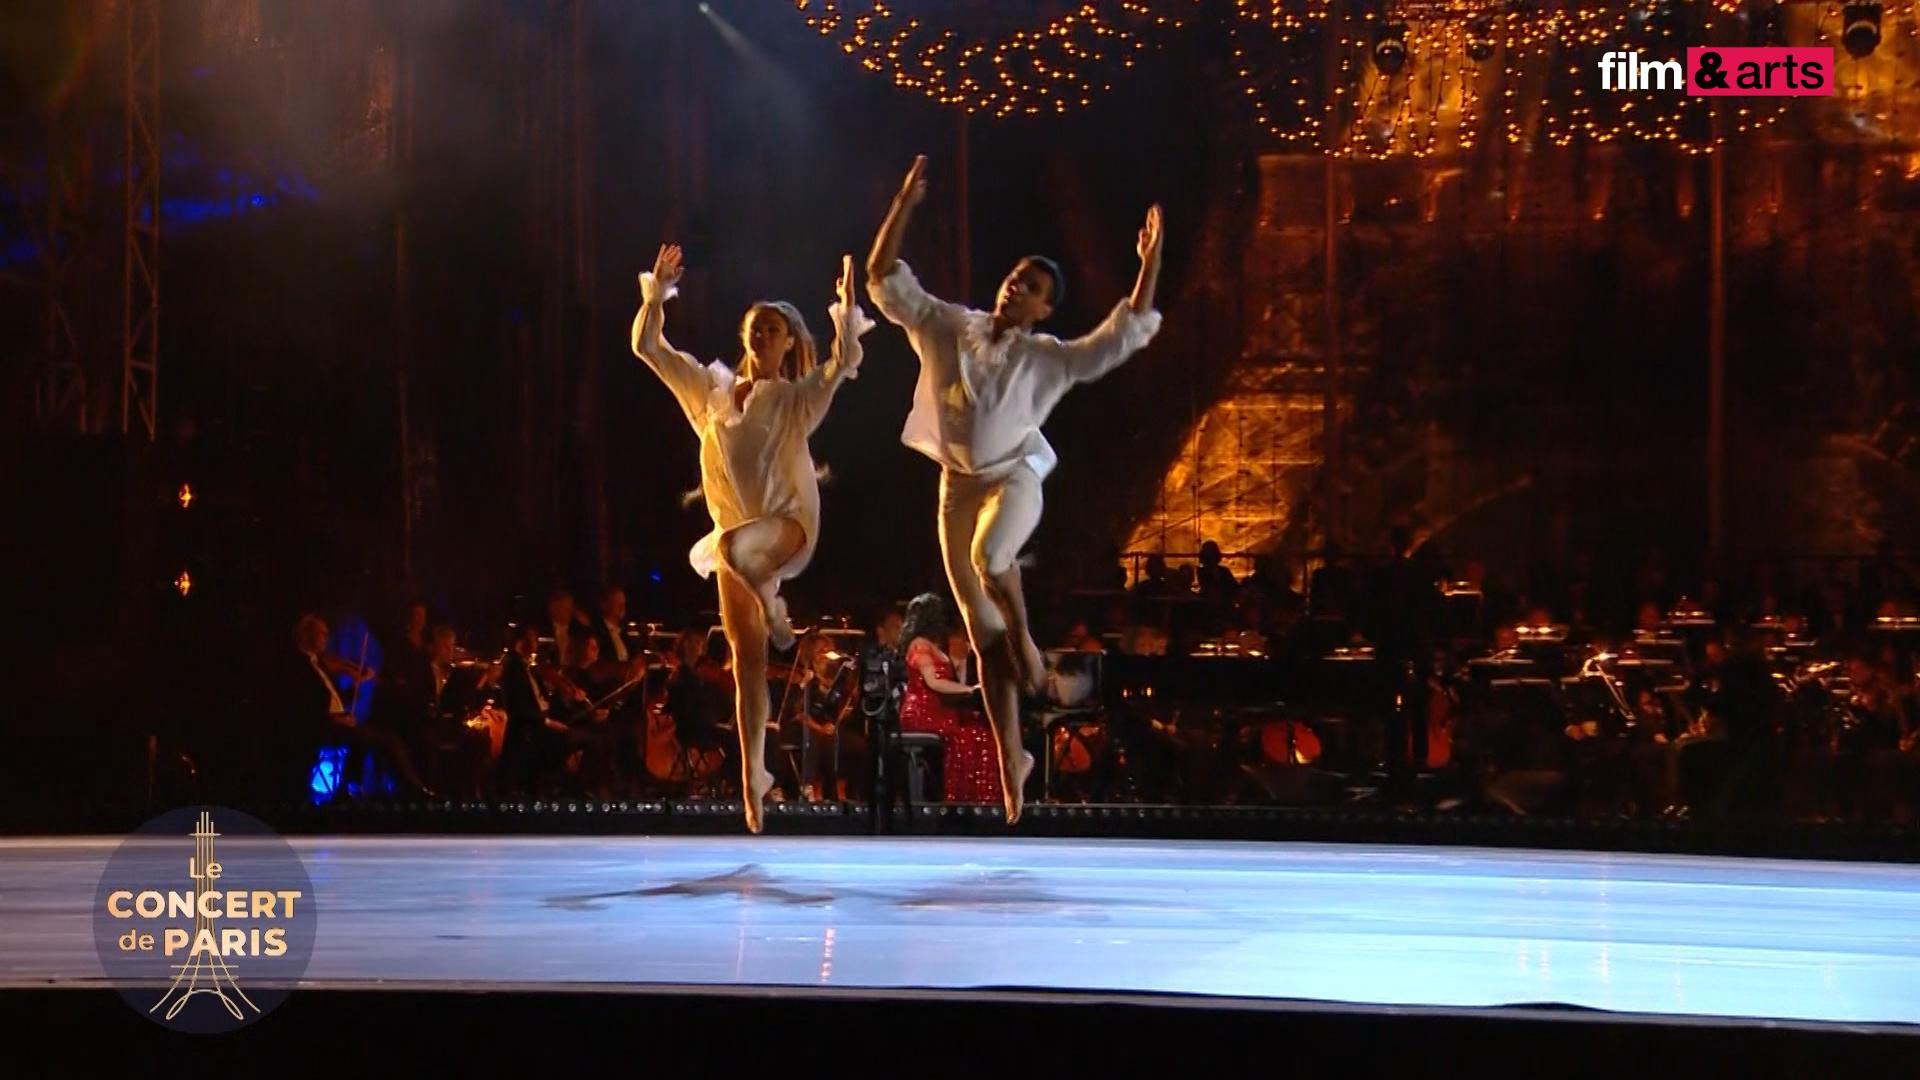 9mtf54wndr_concierto-paris-2020-prensa.01-28-50-08.imagen-fija055.jpg